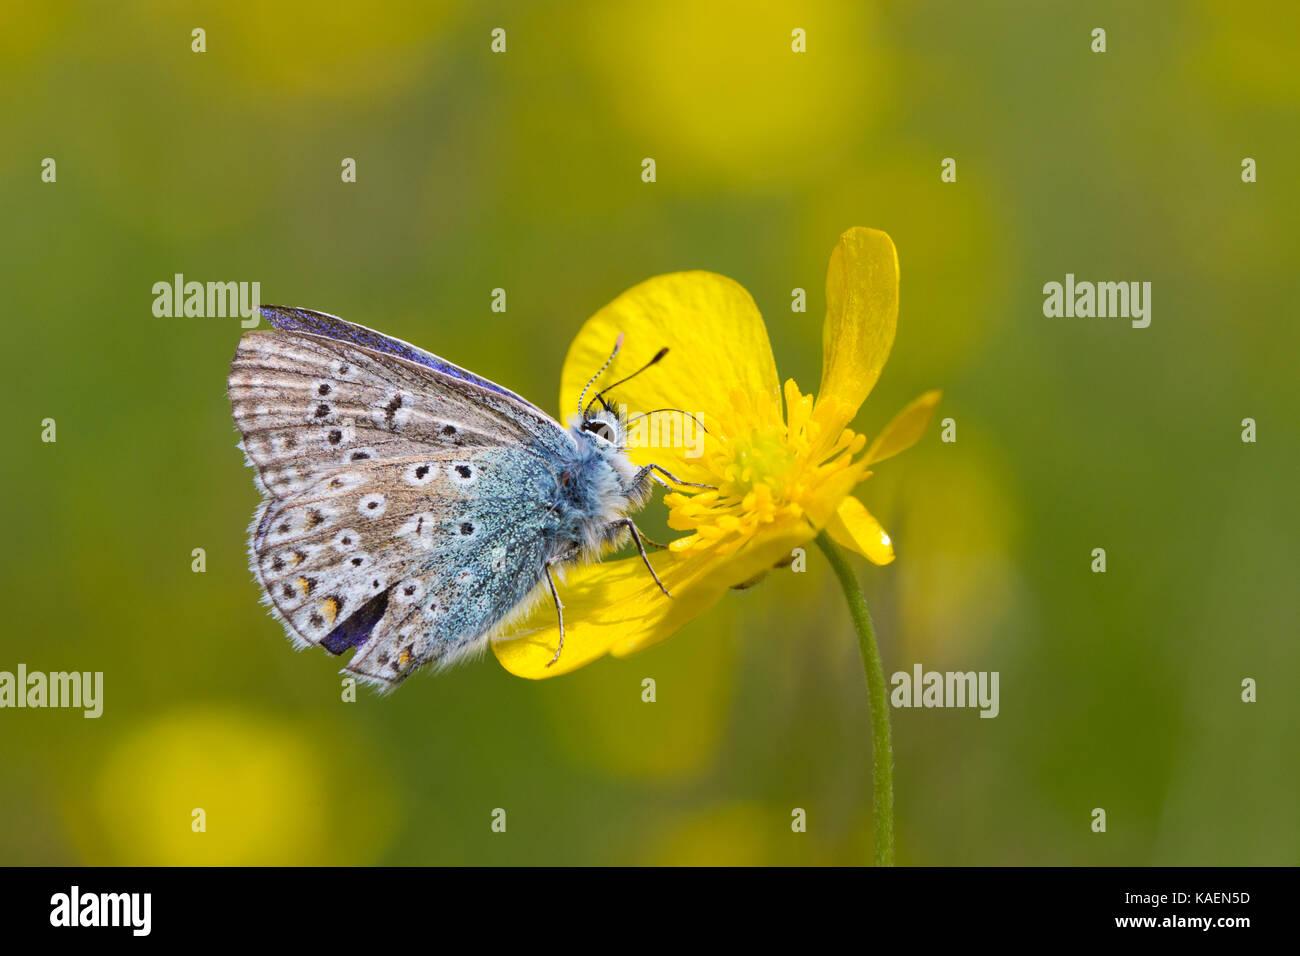 Papillon Bleu commun (Polyommatus icarus) mâle adulte se nourrissant dans un pré (Ranunculus acris) fleur Photo Stock